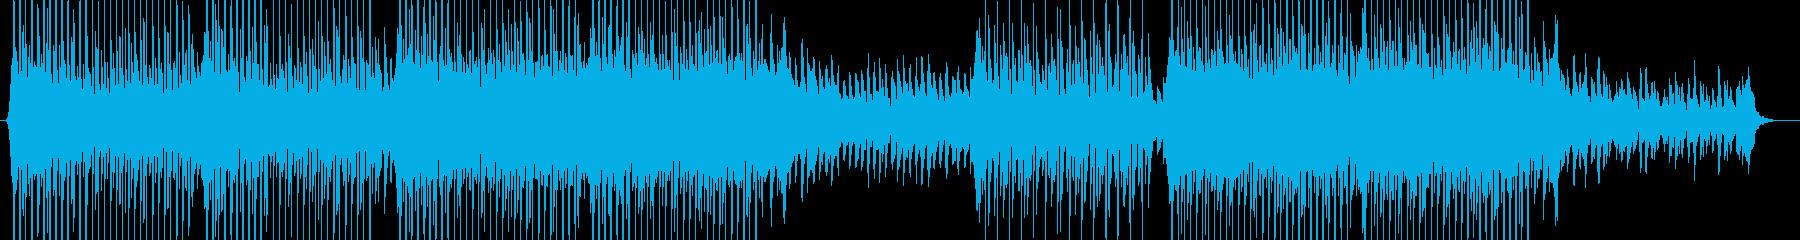 明るい、企業VP、ギター【メロ抜き】の再生済みの波形